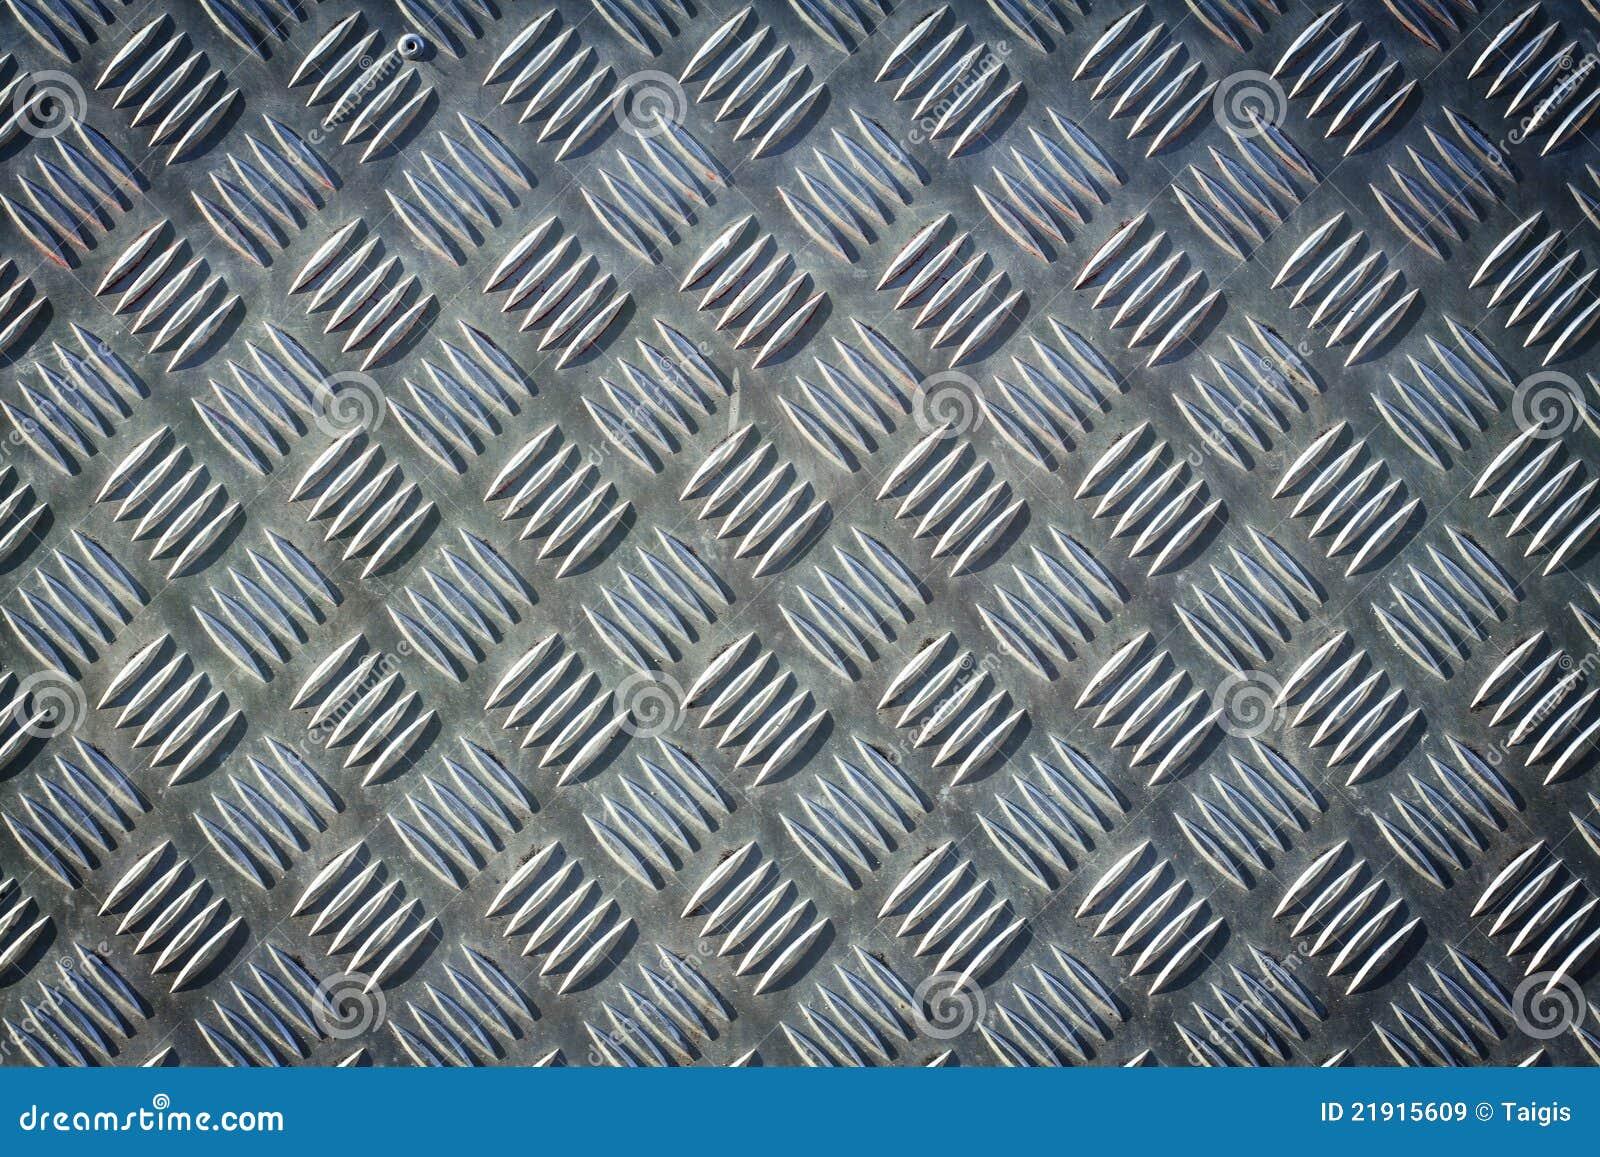 Pavimento del metallo immagini stock libere da diritti for Disegni unici del pavimento